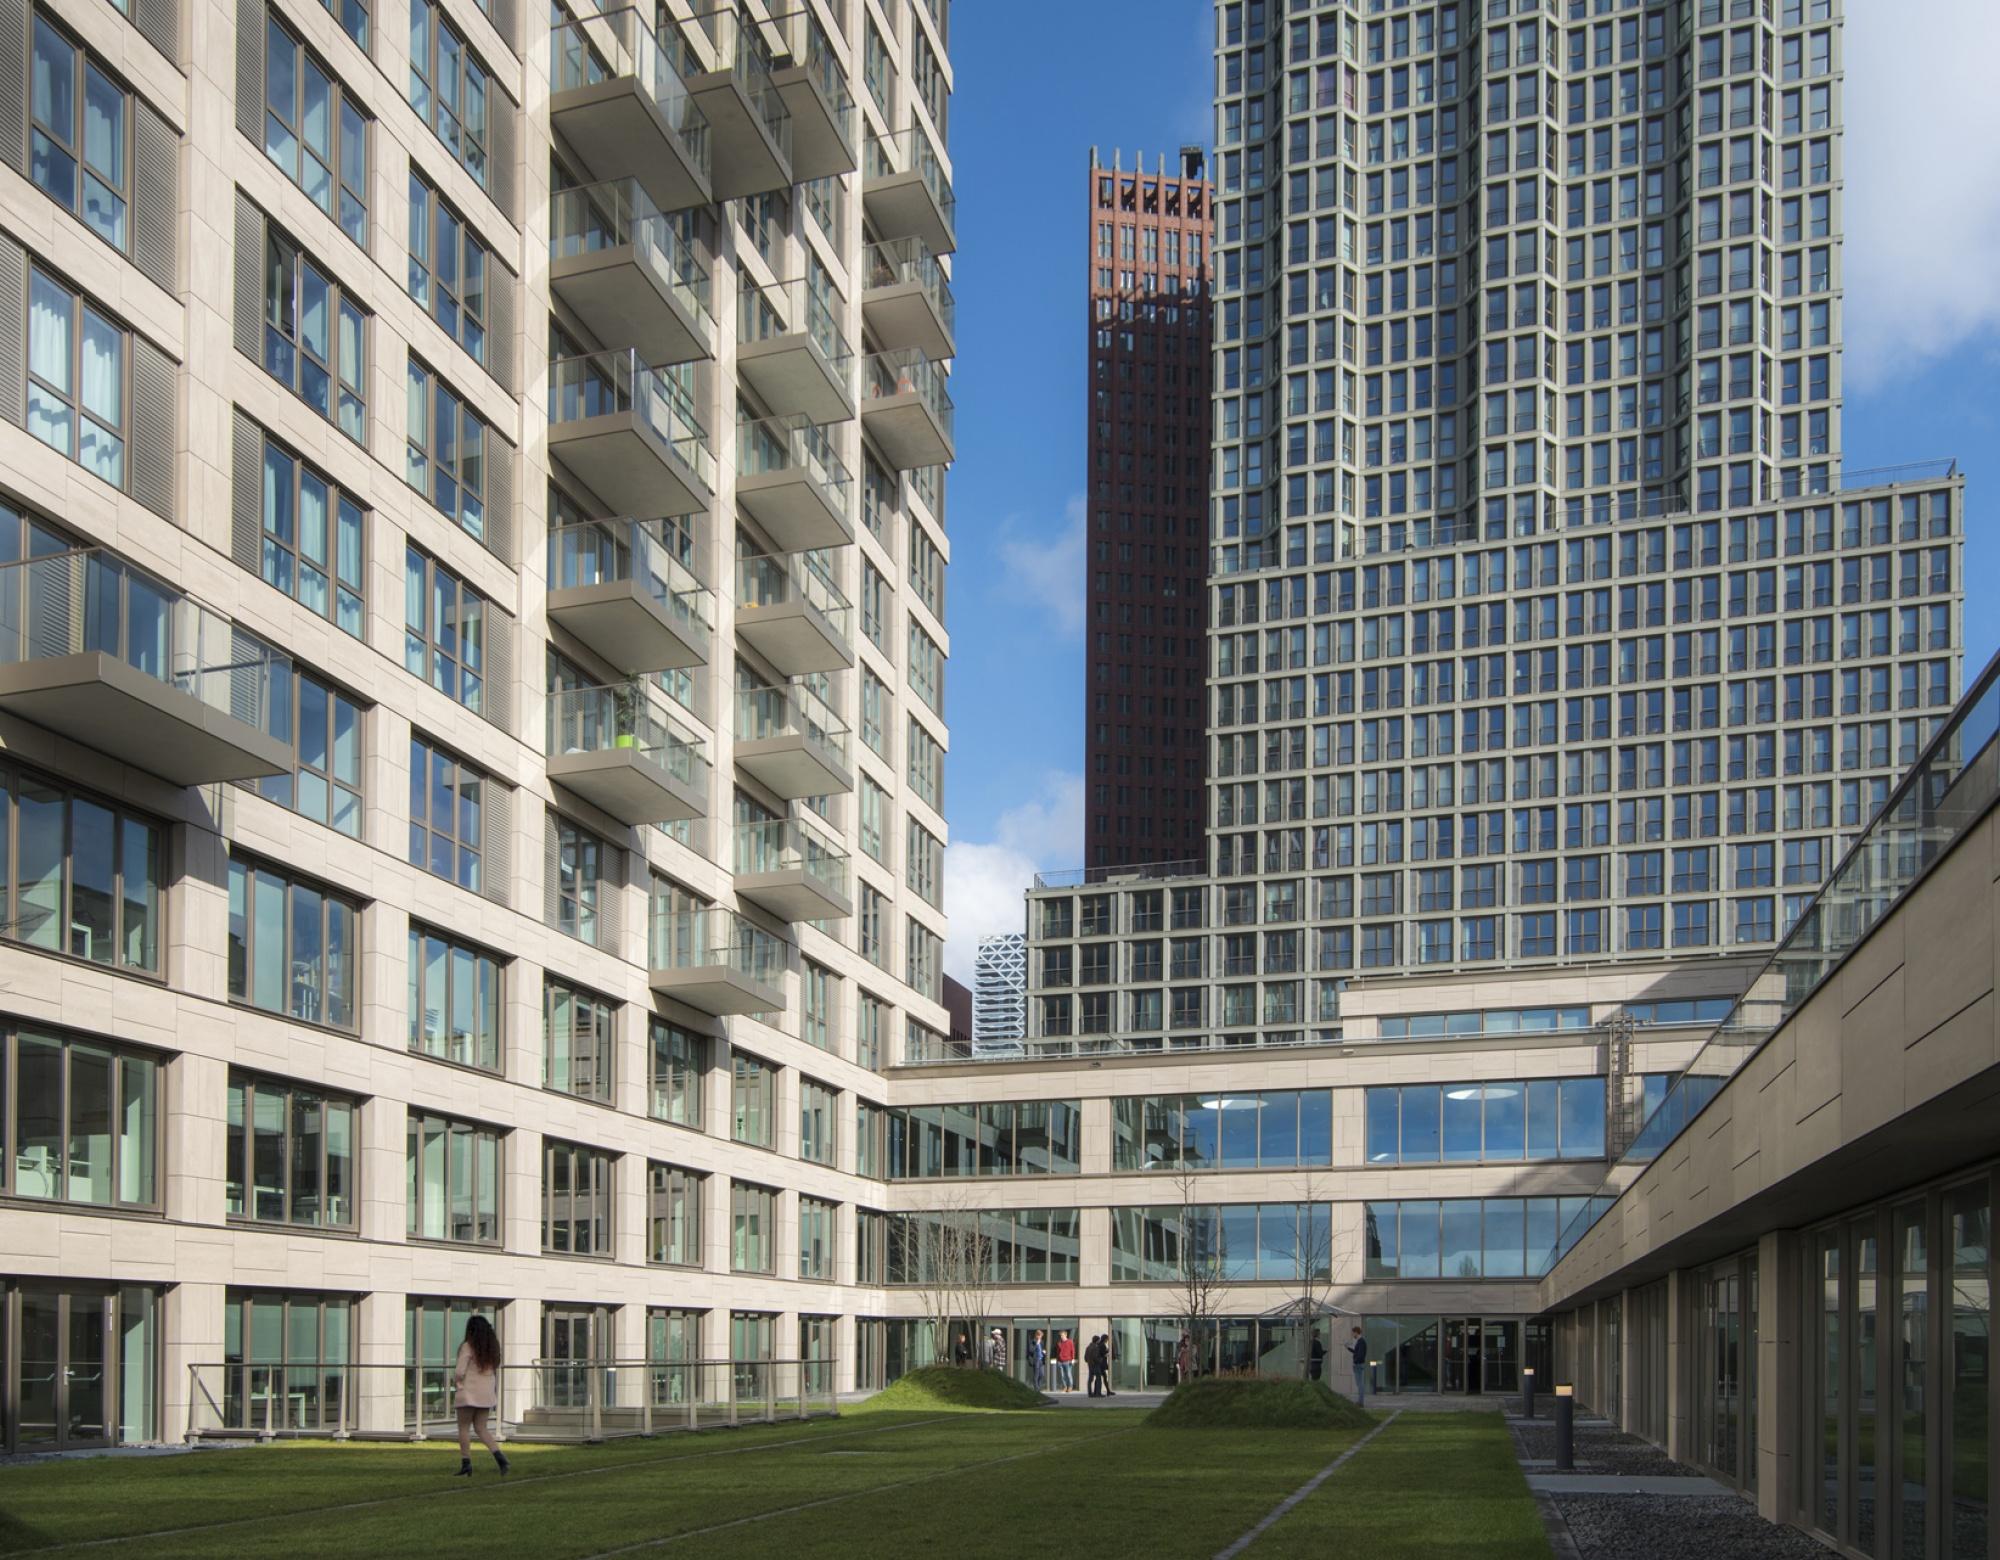 Tegels Den Haag : Sandfarbene keramikfassade bereichert haager skyline u003e mosa. tegels.